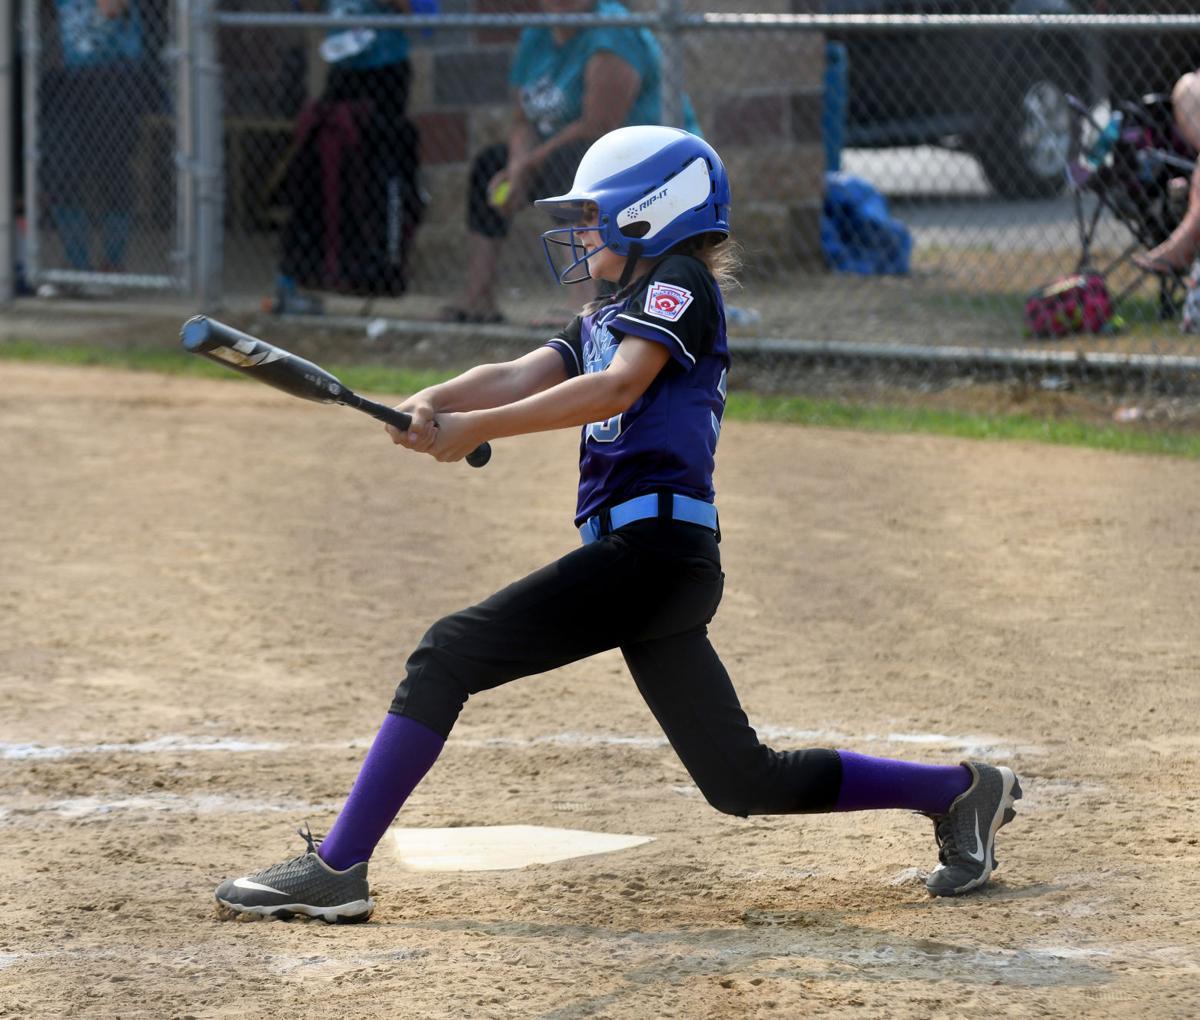 Stauffer hitting